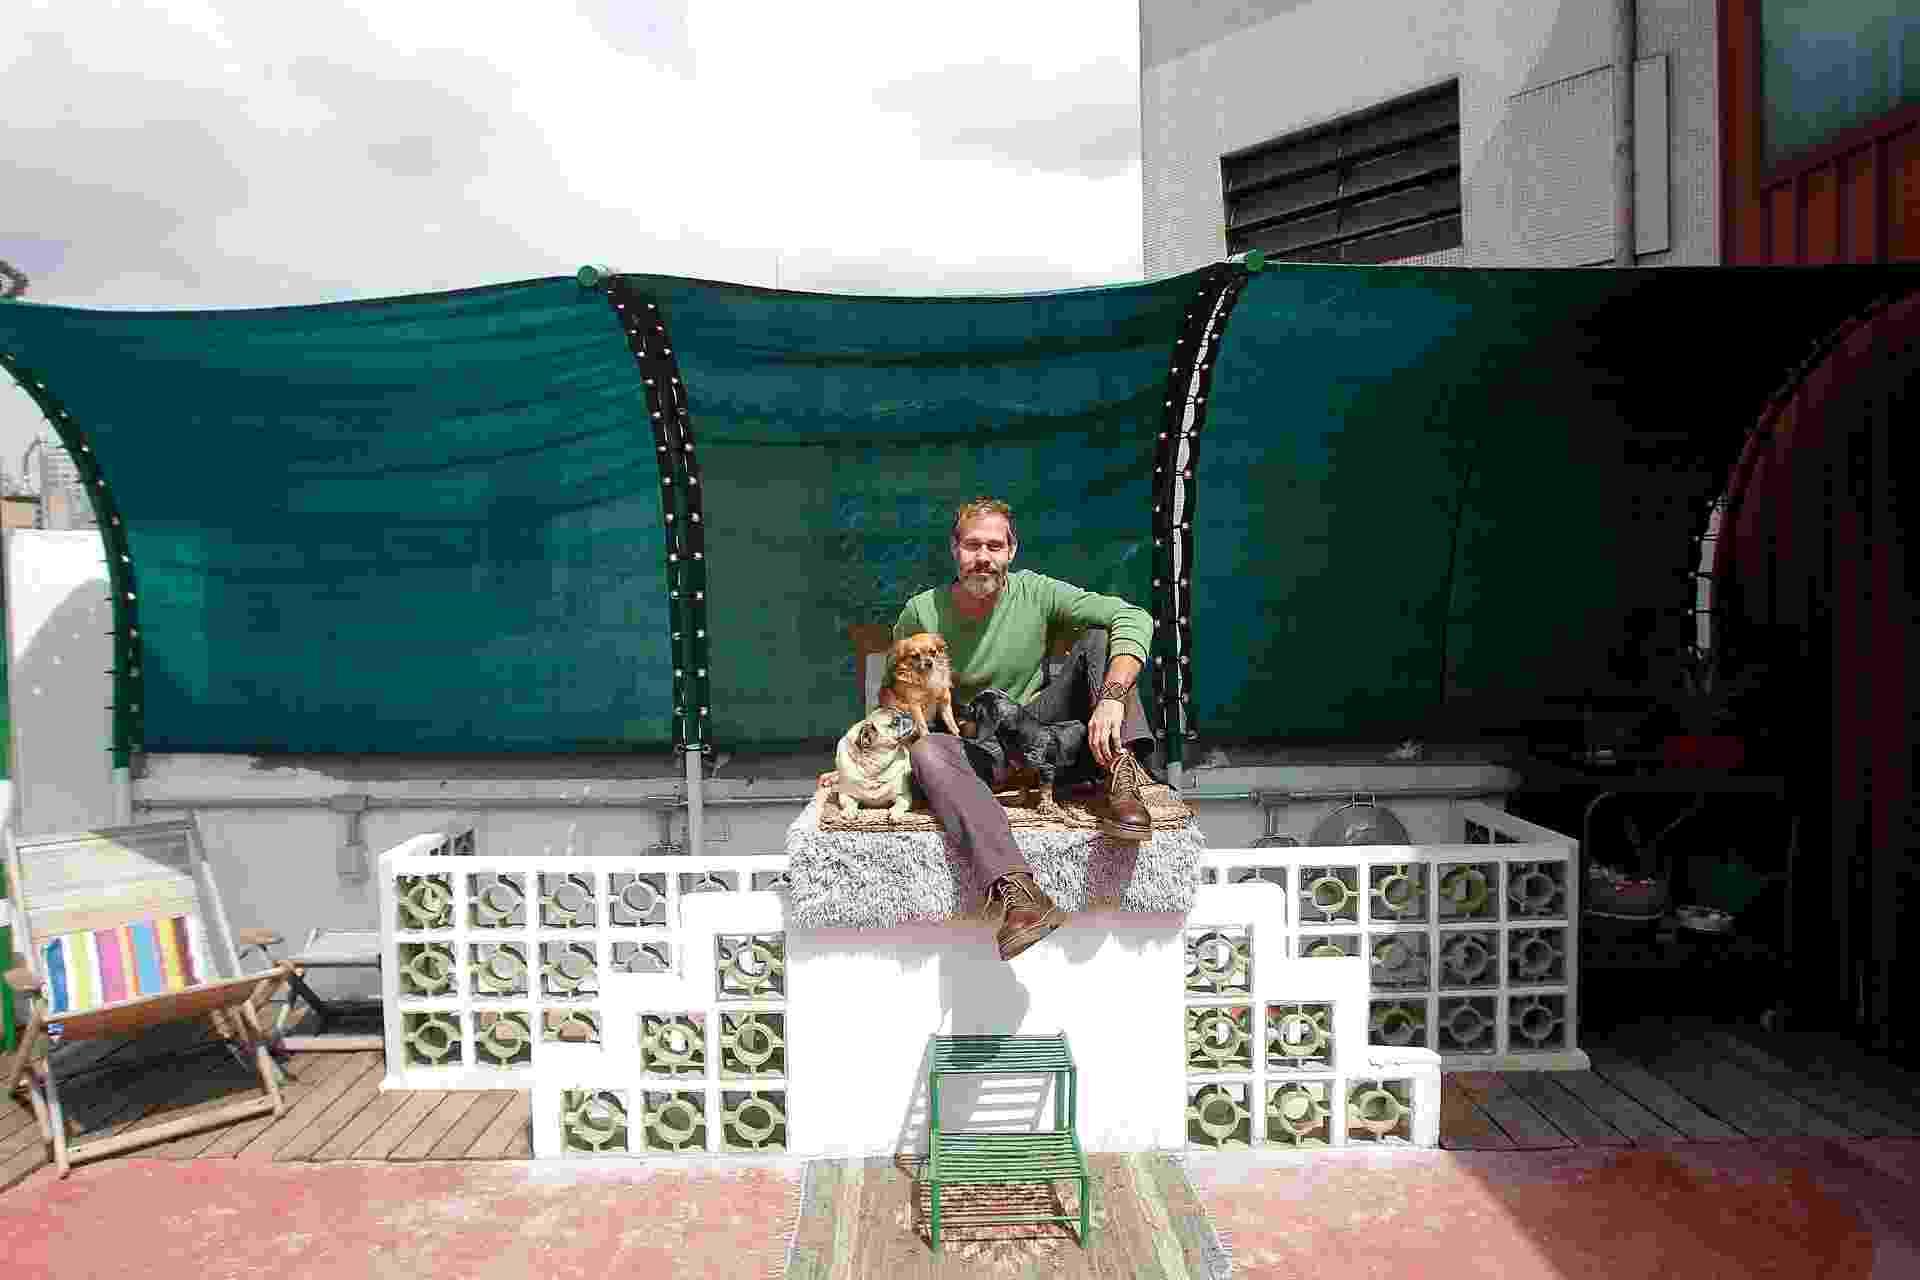 Nico Puig posa junto com seus três cães. O ator se dedica paralelamente ao design e decidiu trabalhar com o reúso e a reciclagem de materiais, decorando - inclusive - seu apê quase exclusivamente com itens achados e comprados a baixíssimo custo - Reinaldo Canato/ UOL